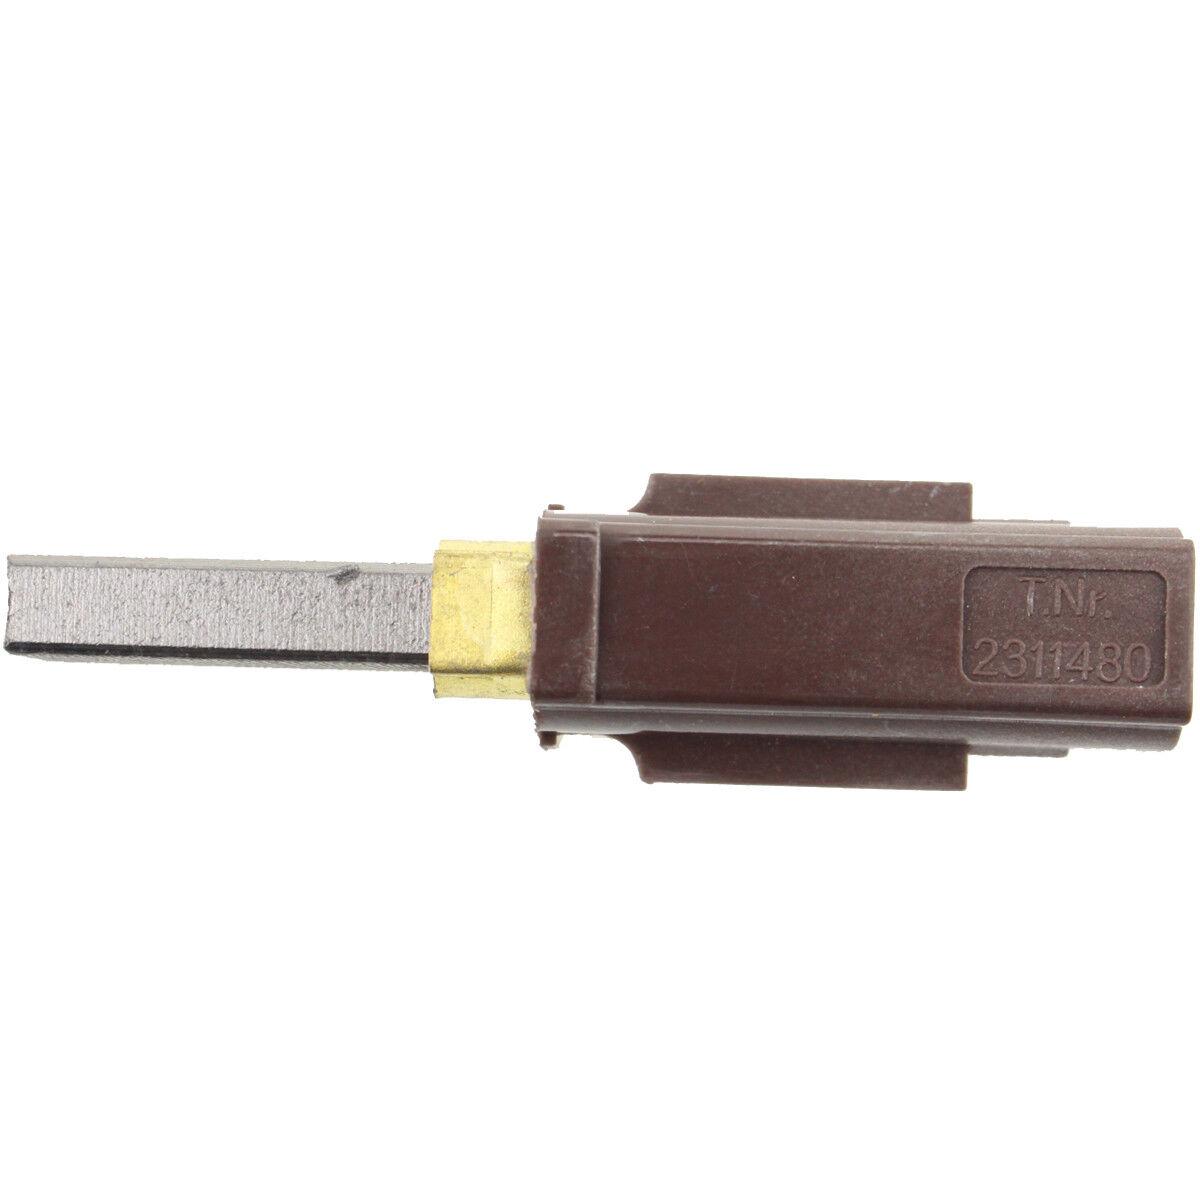 4 Pcs Motor Carbon Brush For Ametek Lamb Vacuum Cleaner 2311480 33326-1 333261